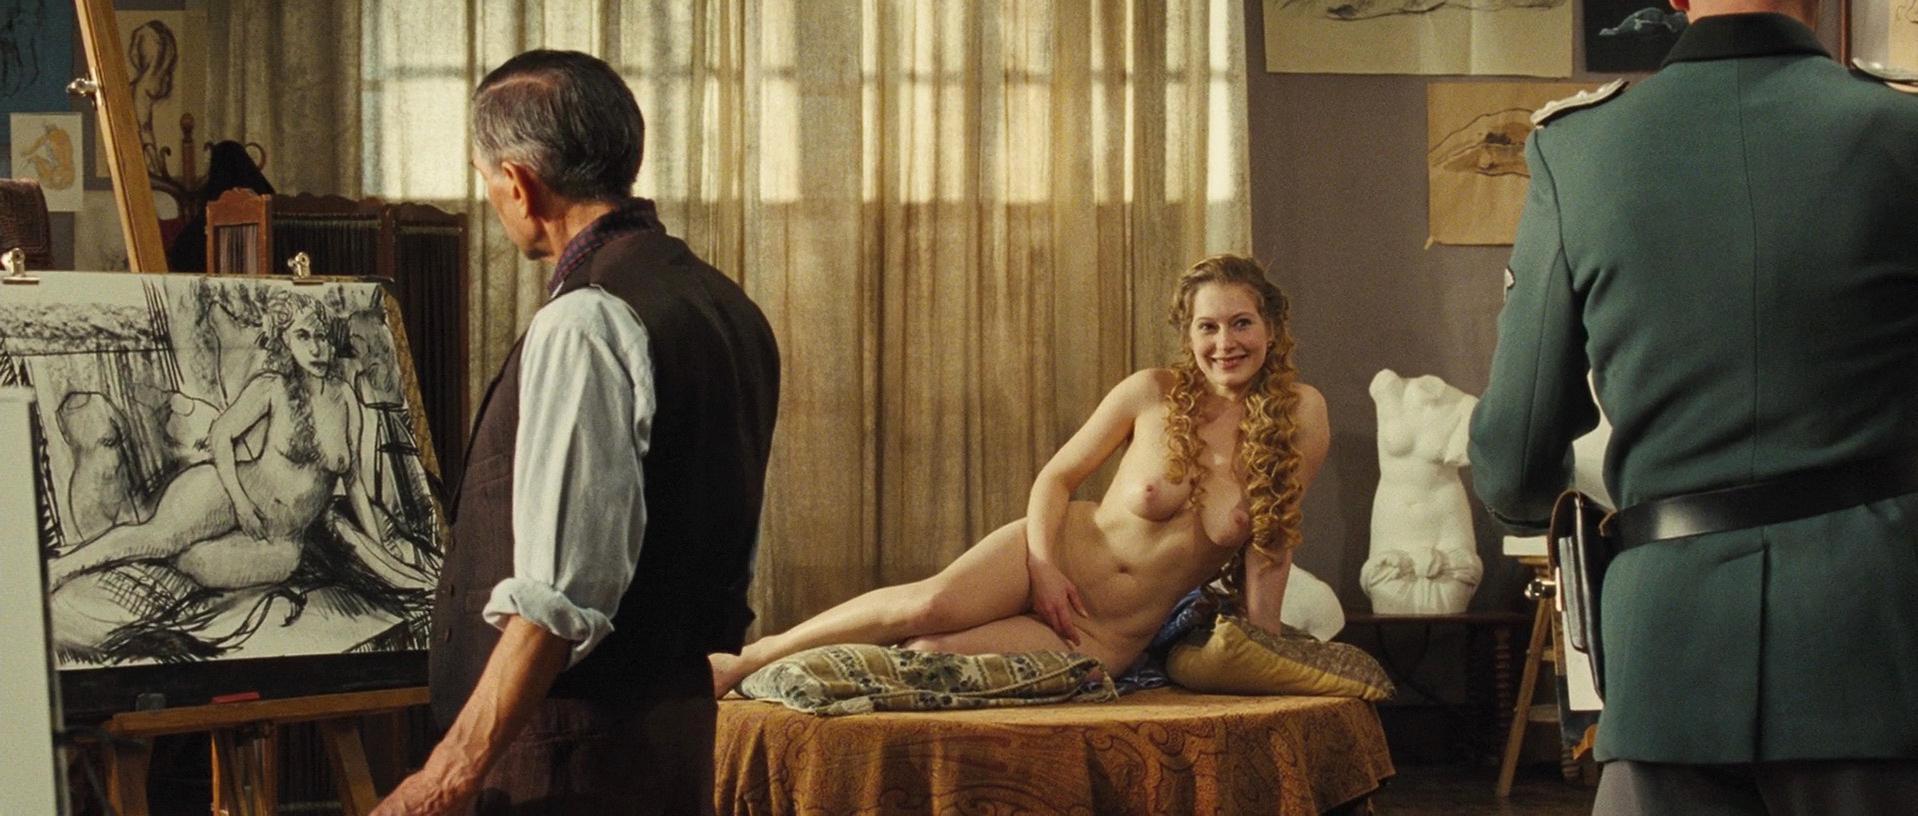 Ophelia Kolb nude - Gainsbourg (2010)